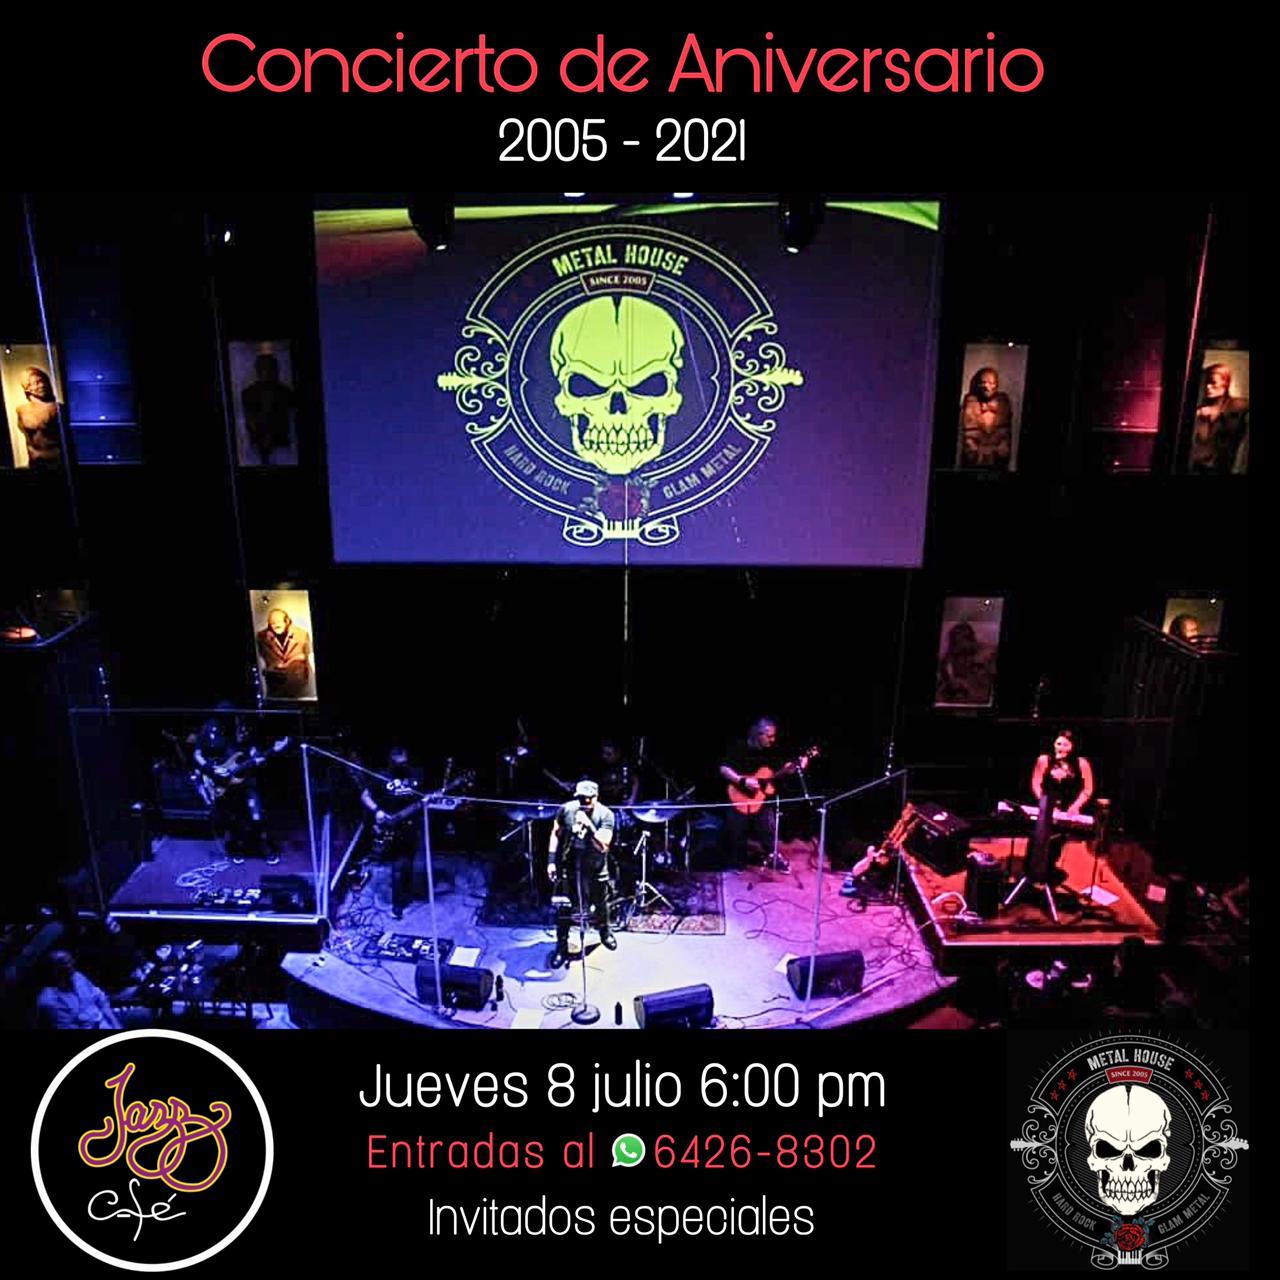 Sweet 16 (Concierto de Aniversario) Metal House Band